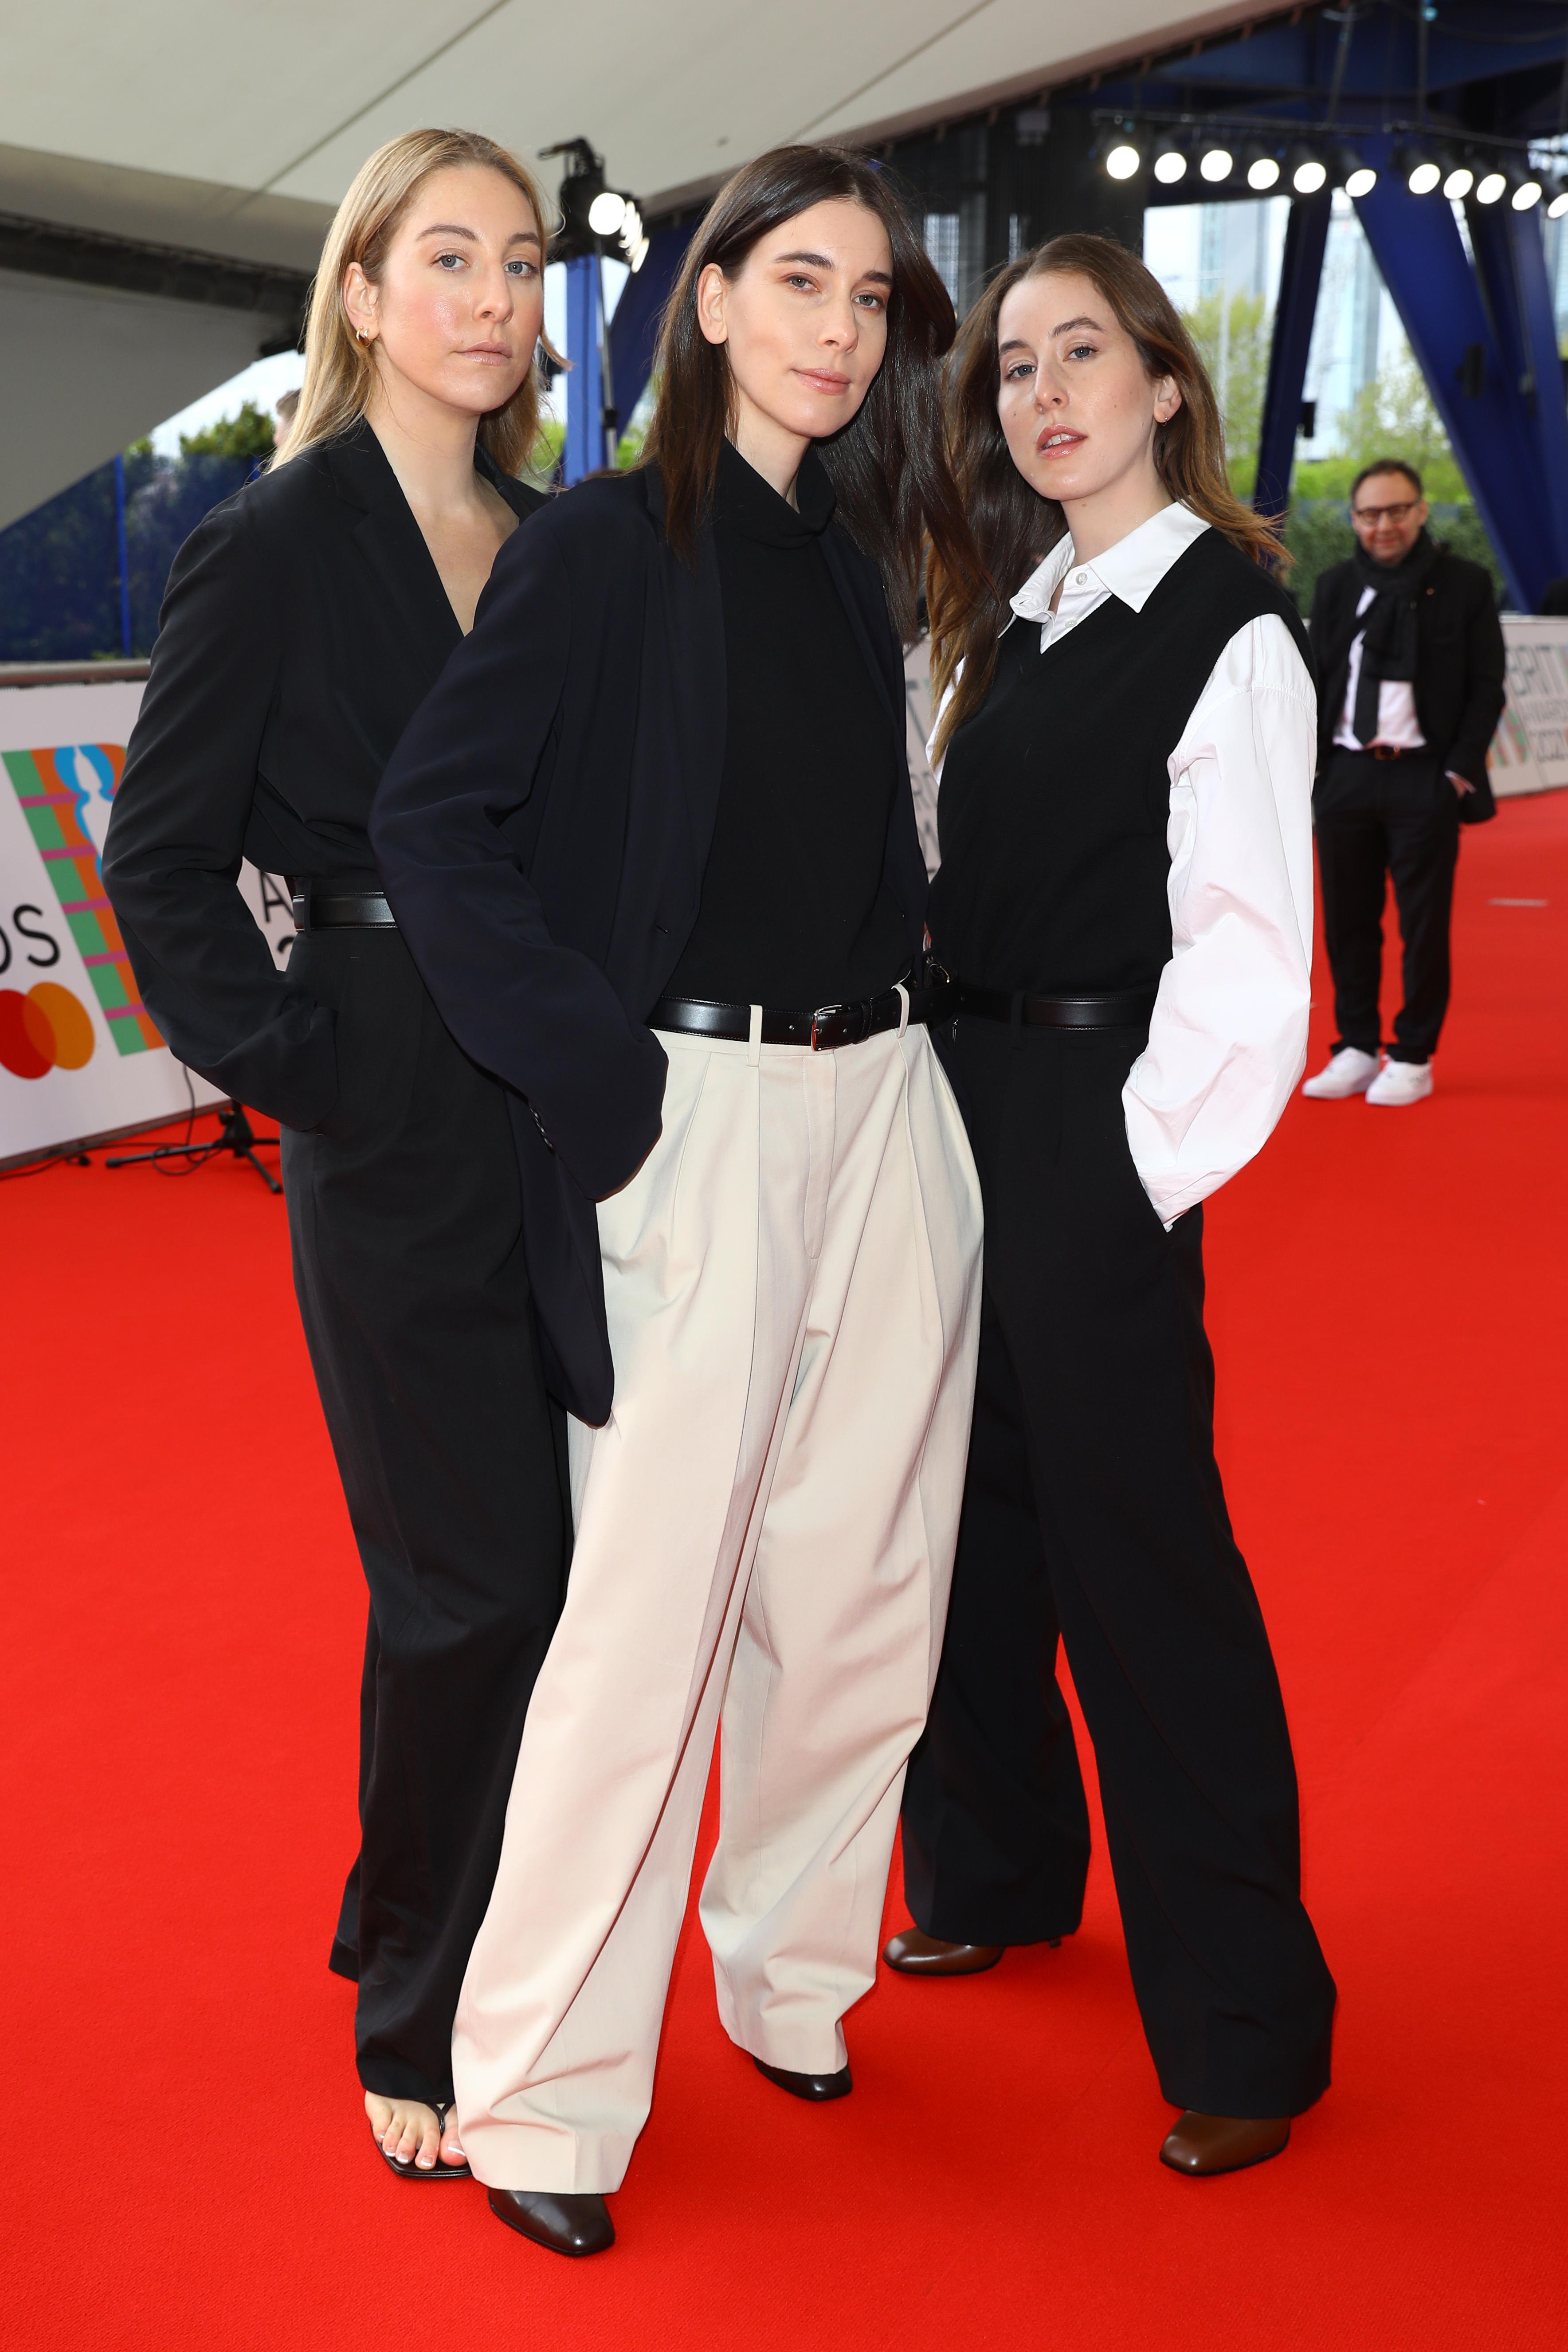 As irmãs Haim no BRIT Awards 2021. À esquerda, Este Haim está com um look todo preto formado por camisa e calça de alfaiataria. No meio, Danielle Haim usa calça bege, cinto preto e camisa e blaze pretos. À direita, Alana Haim usa camisa branca por baixo de colete preto e calça preta. Todas estão com expressão facial séria.